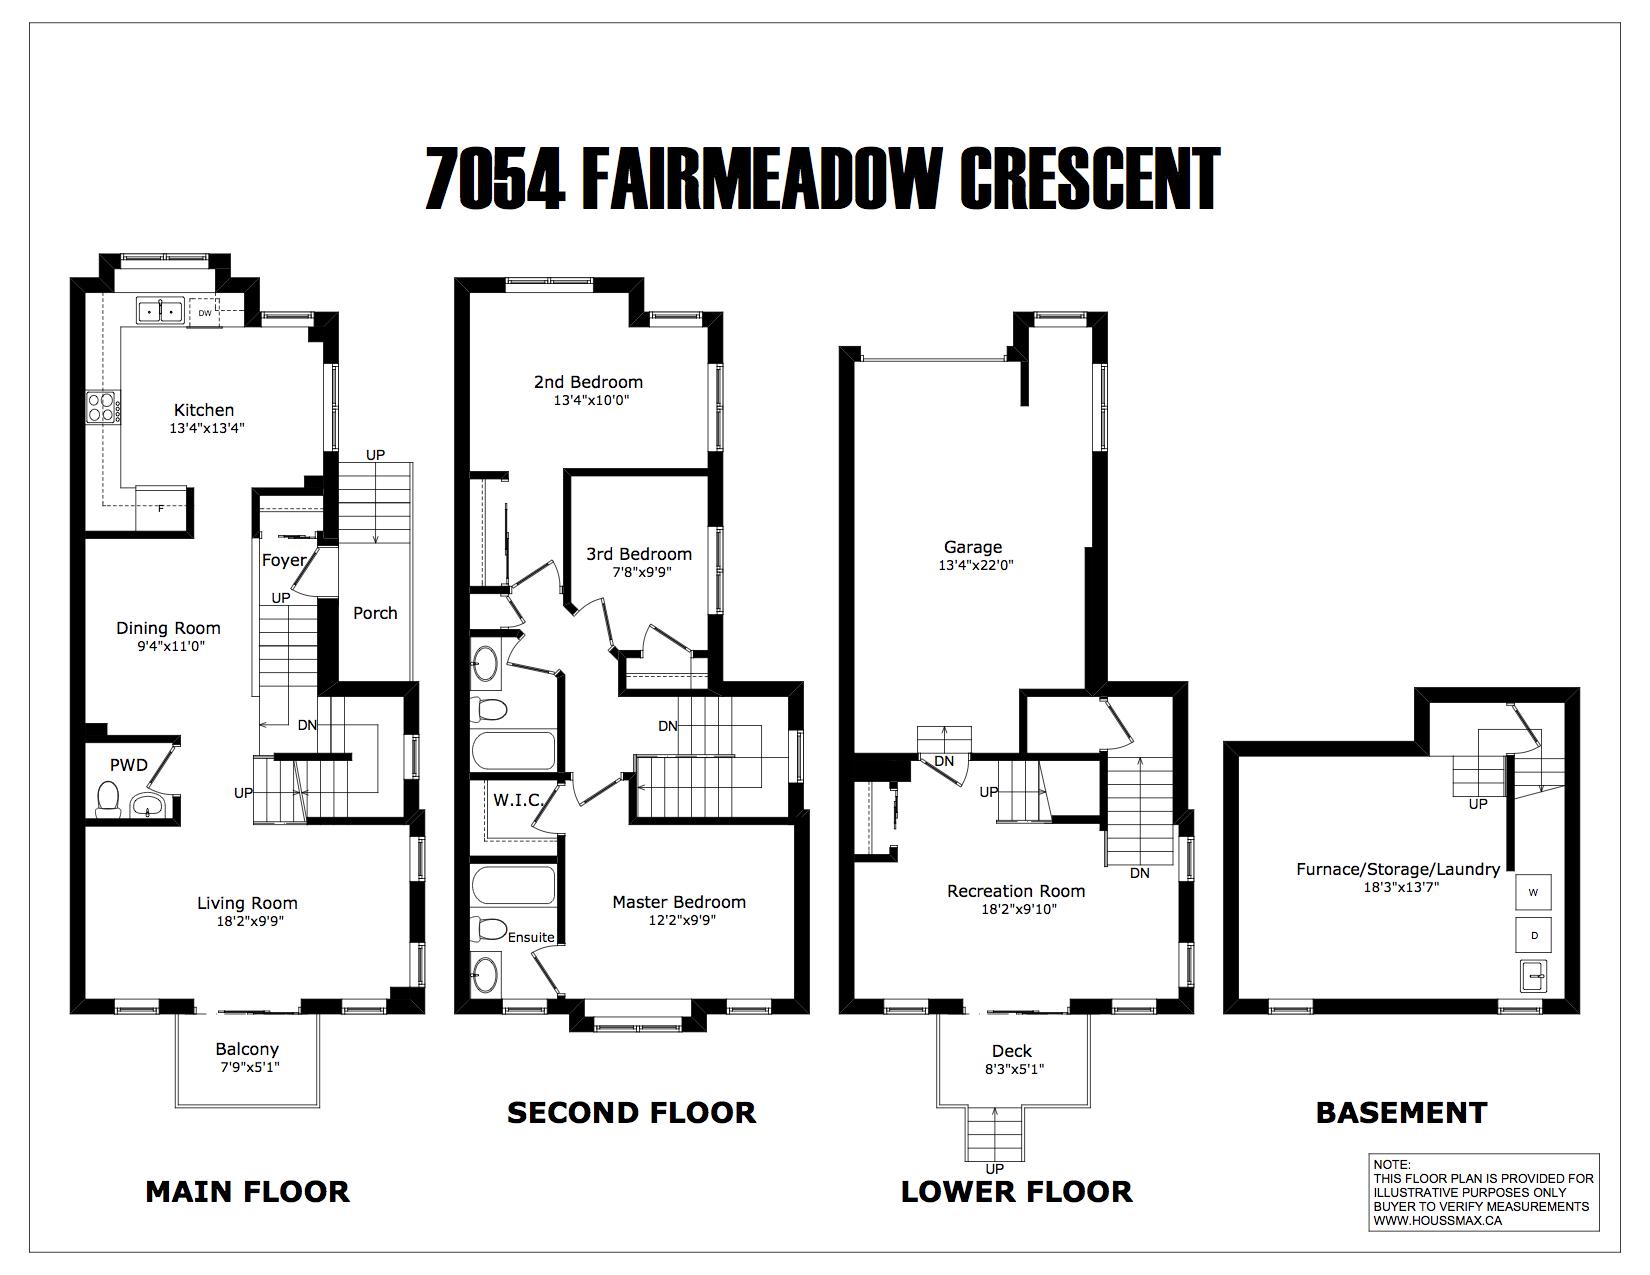 Fairmeadow Crescent Mississauga